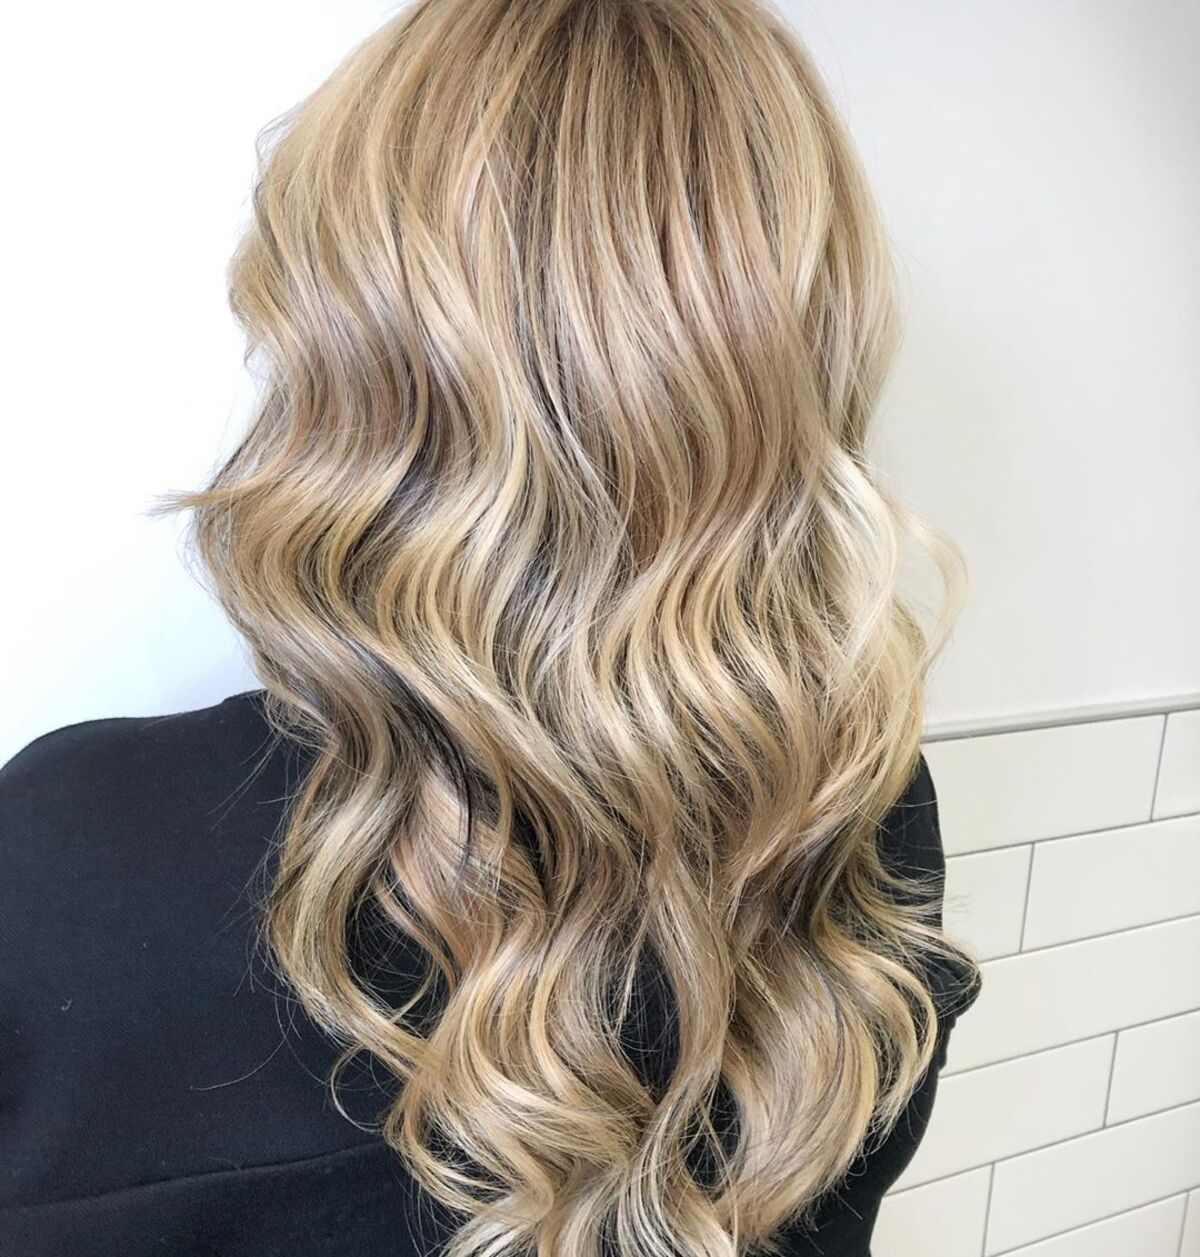 Cheveux platine avec des mèches blond clair